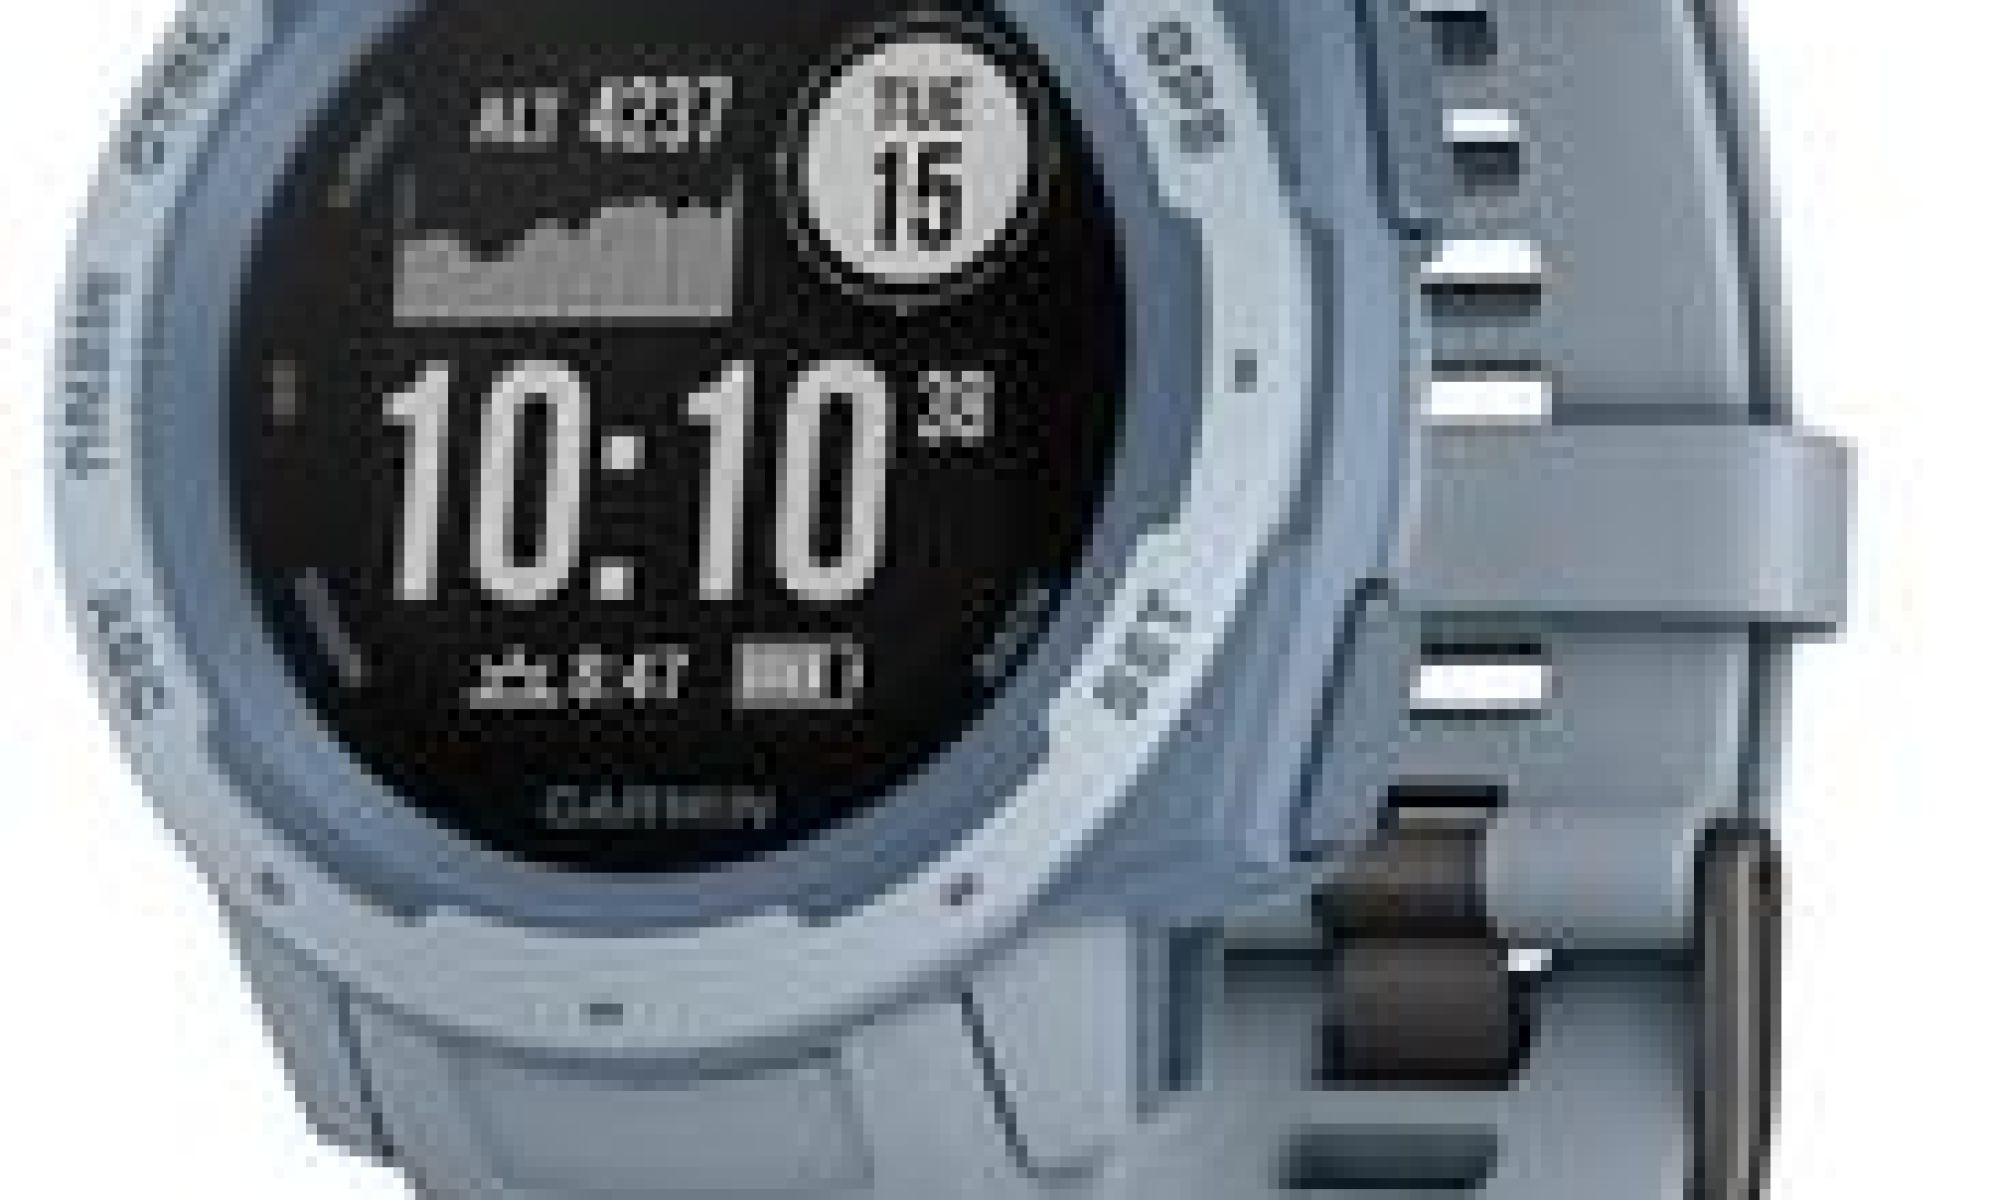 <div>Amazon Prime Day deals: get £100 off Garmin's Instinct Rugged GPS watch</div>